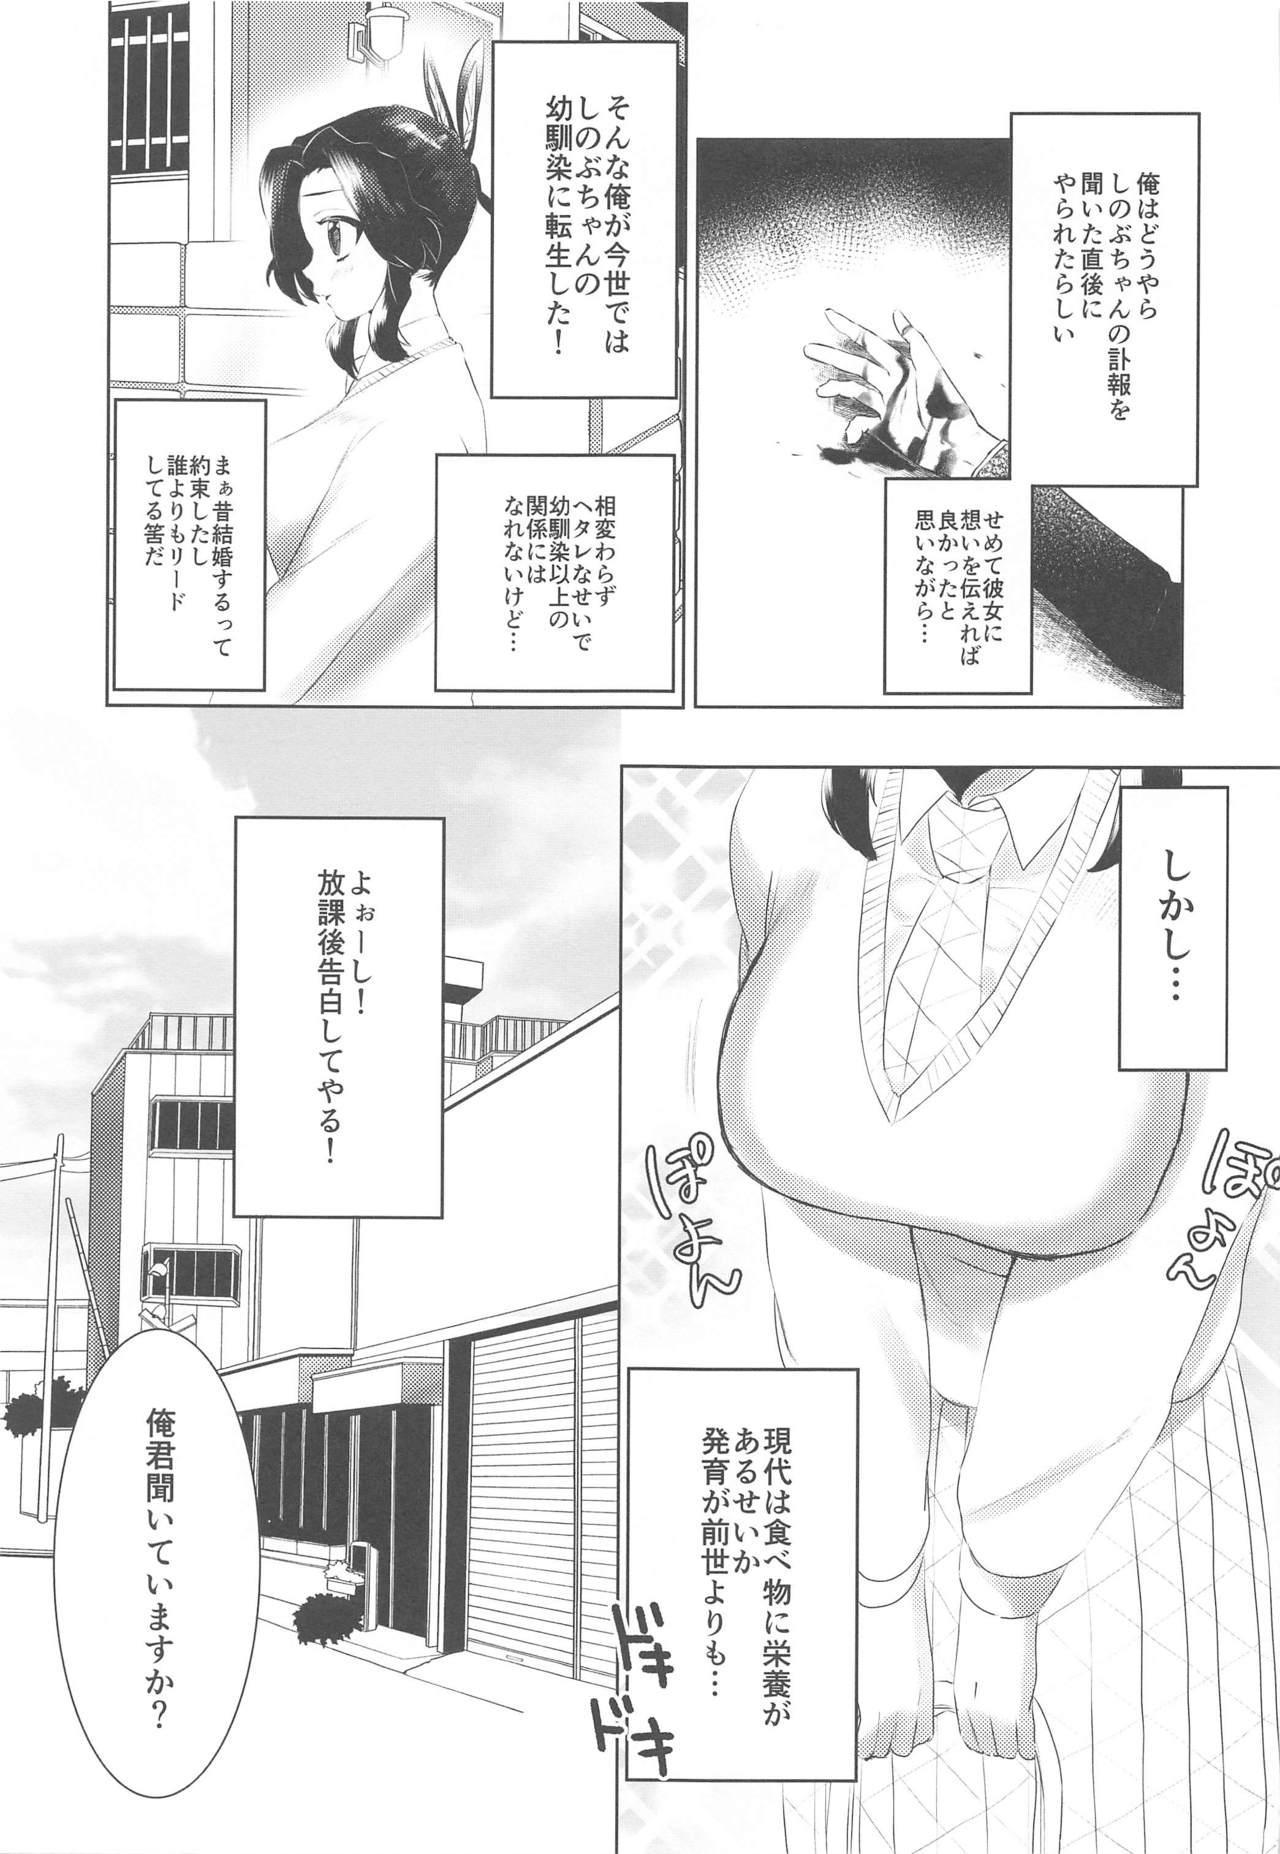 Watashi, Kono Hito ni Otosaremashita. 3